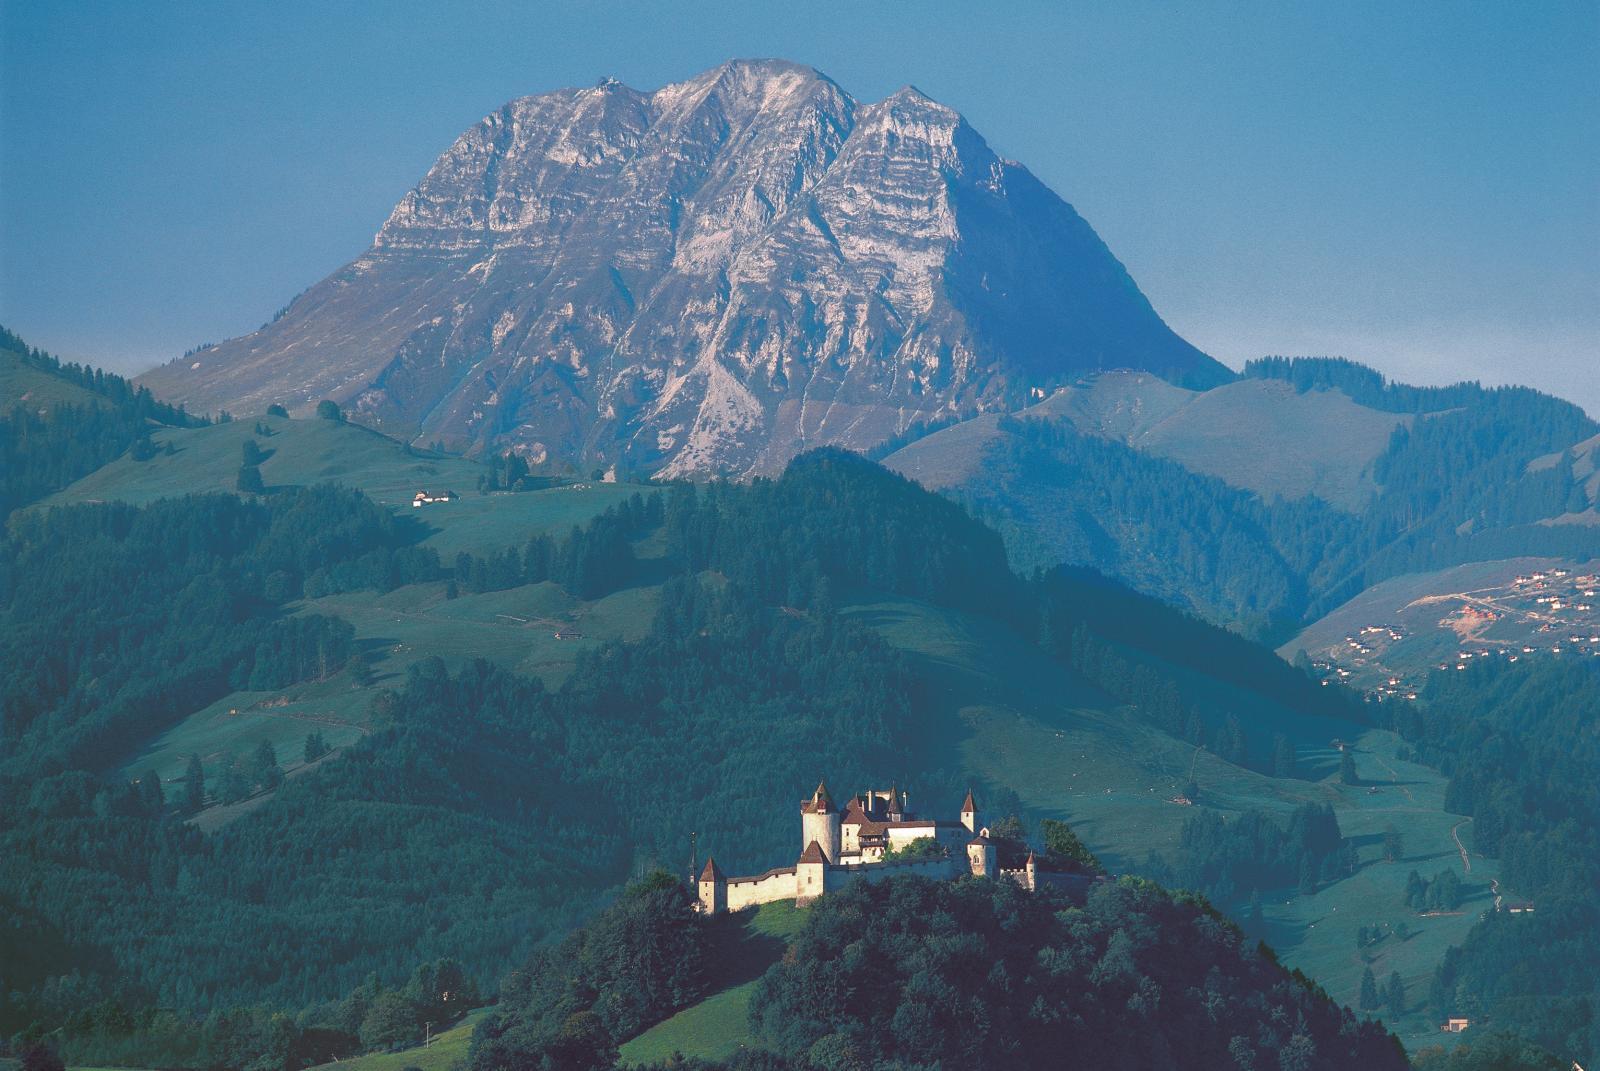 Moleson Mountain